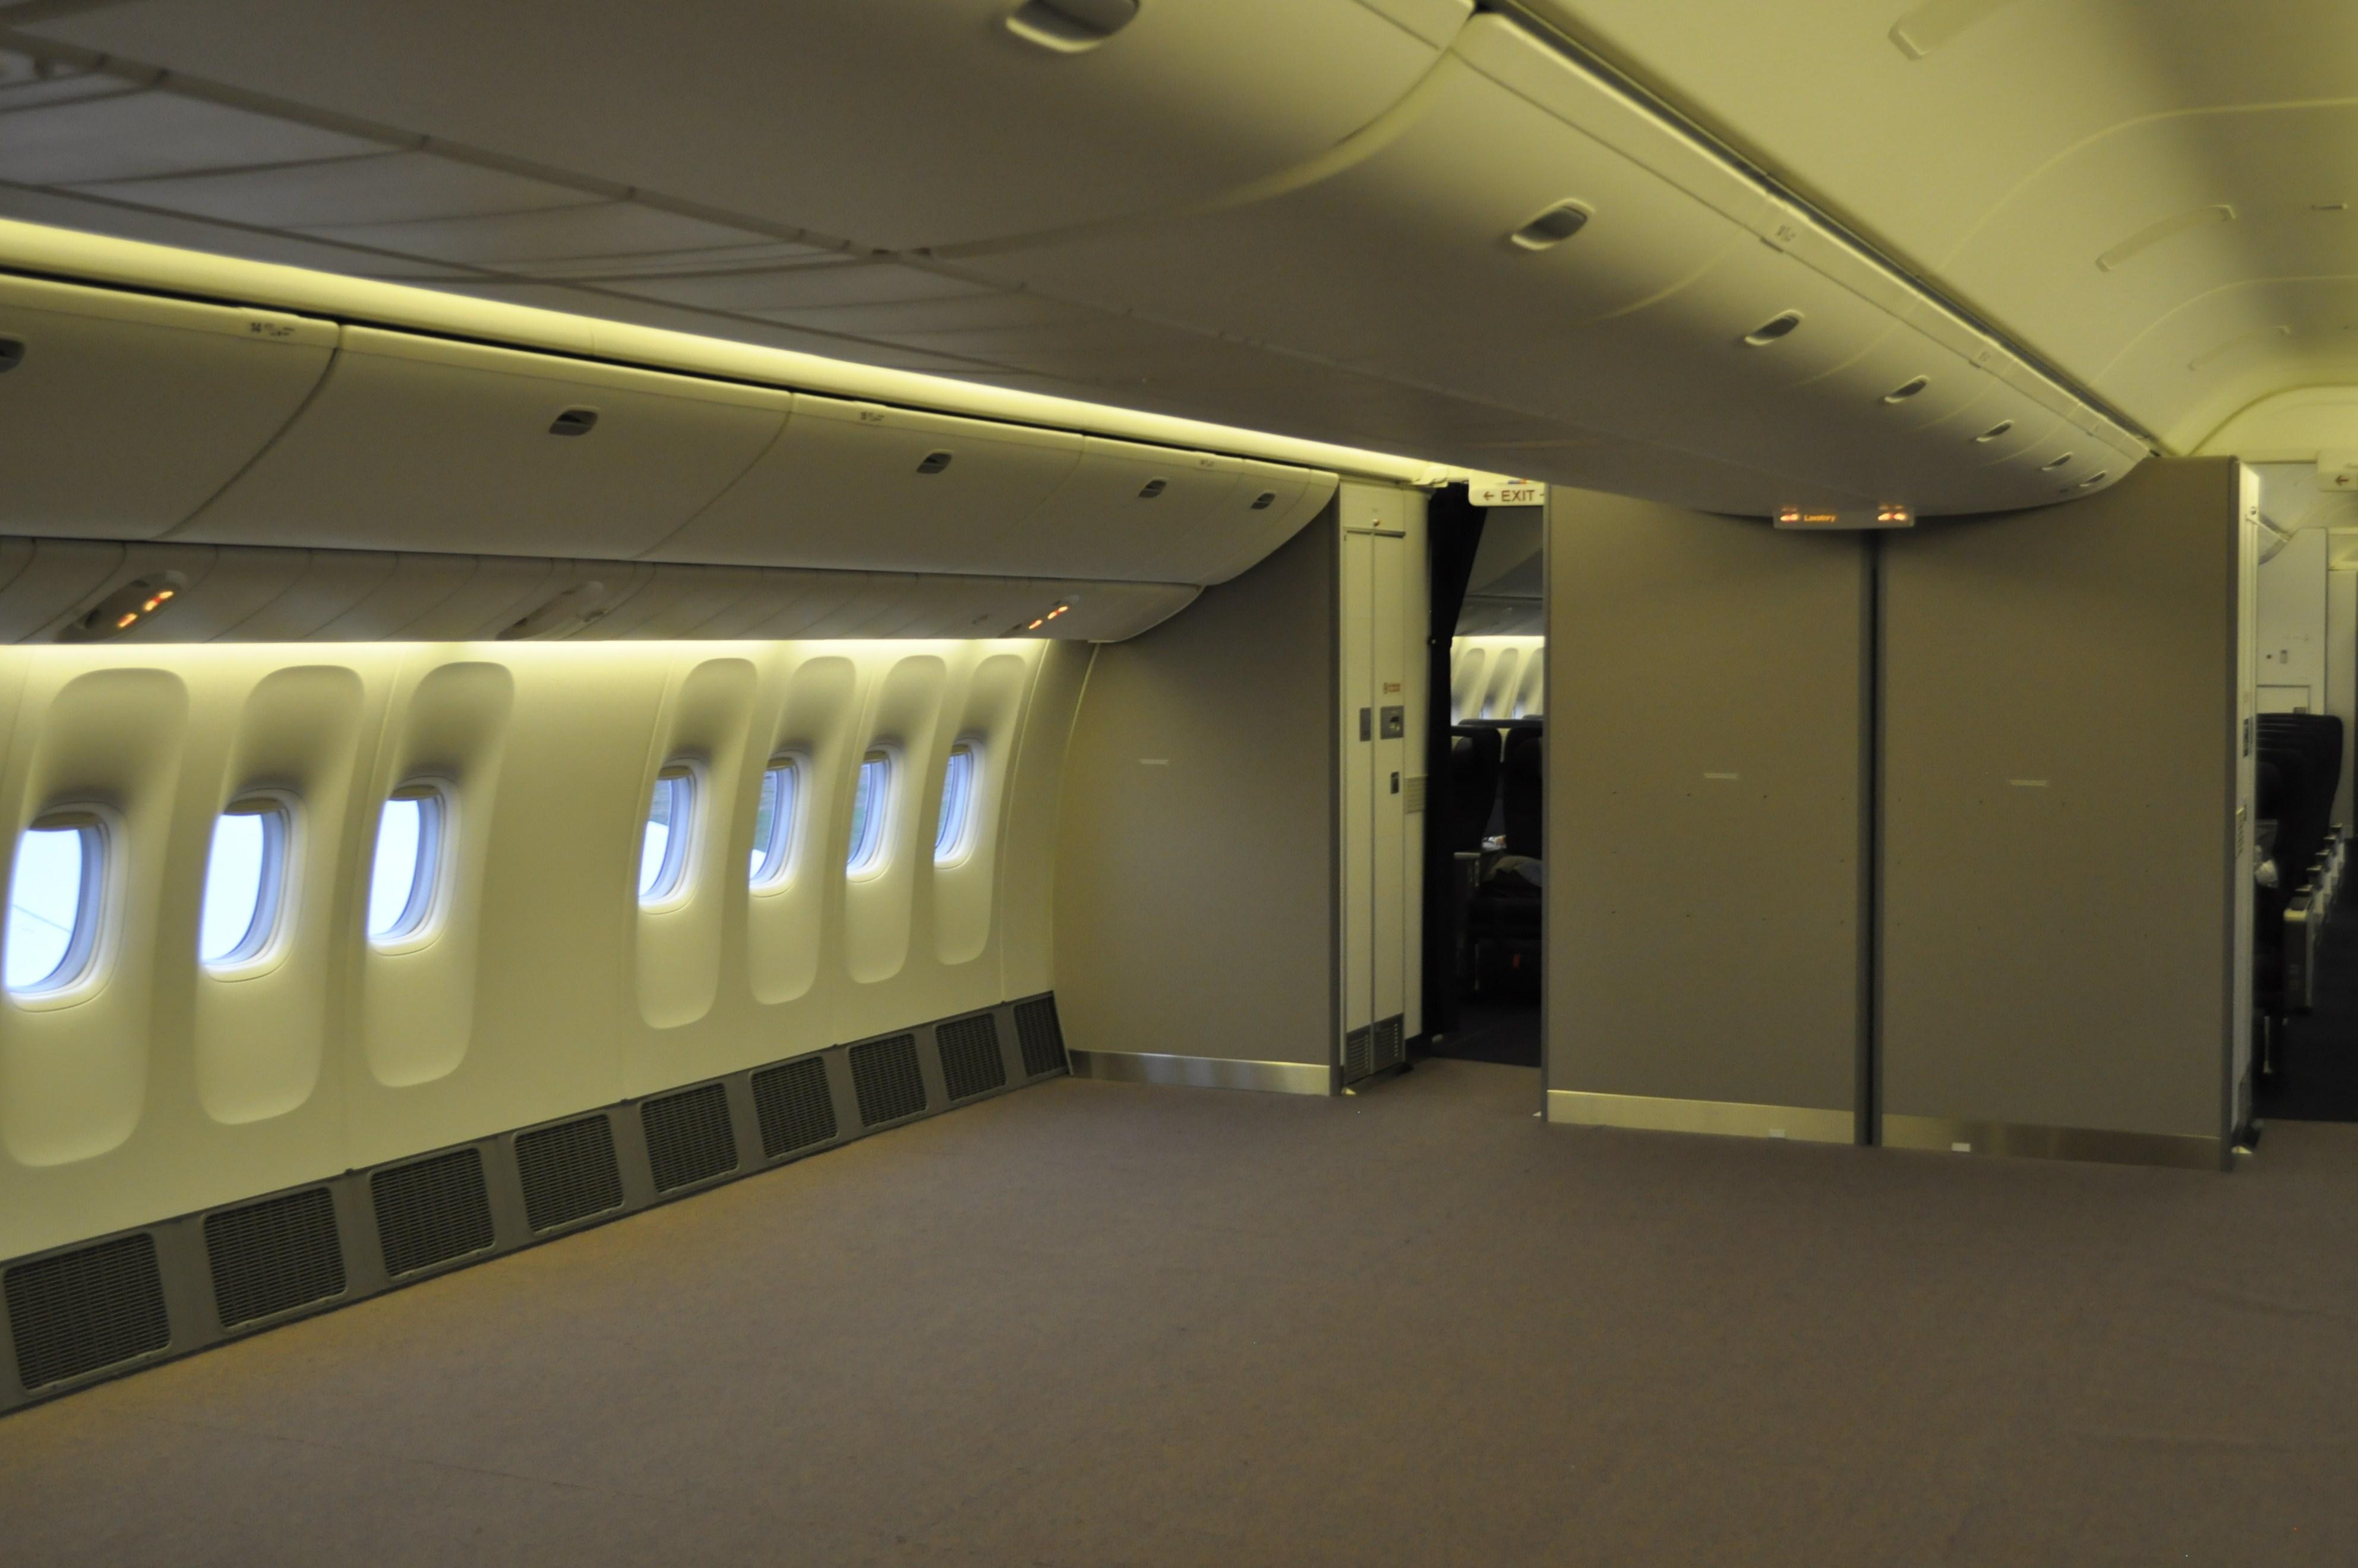 British Airways Boeing 777 Delivery Flight | Continental